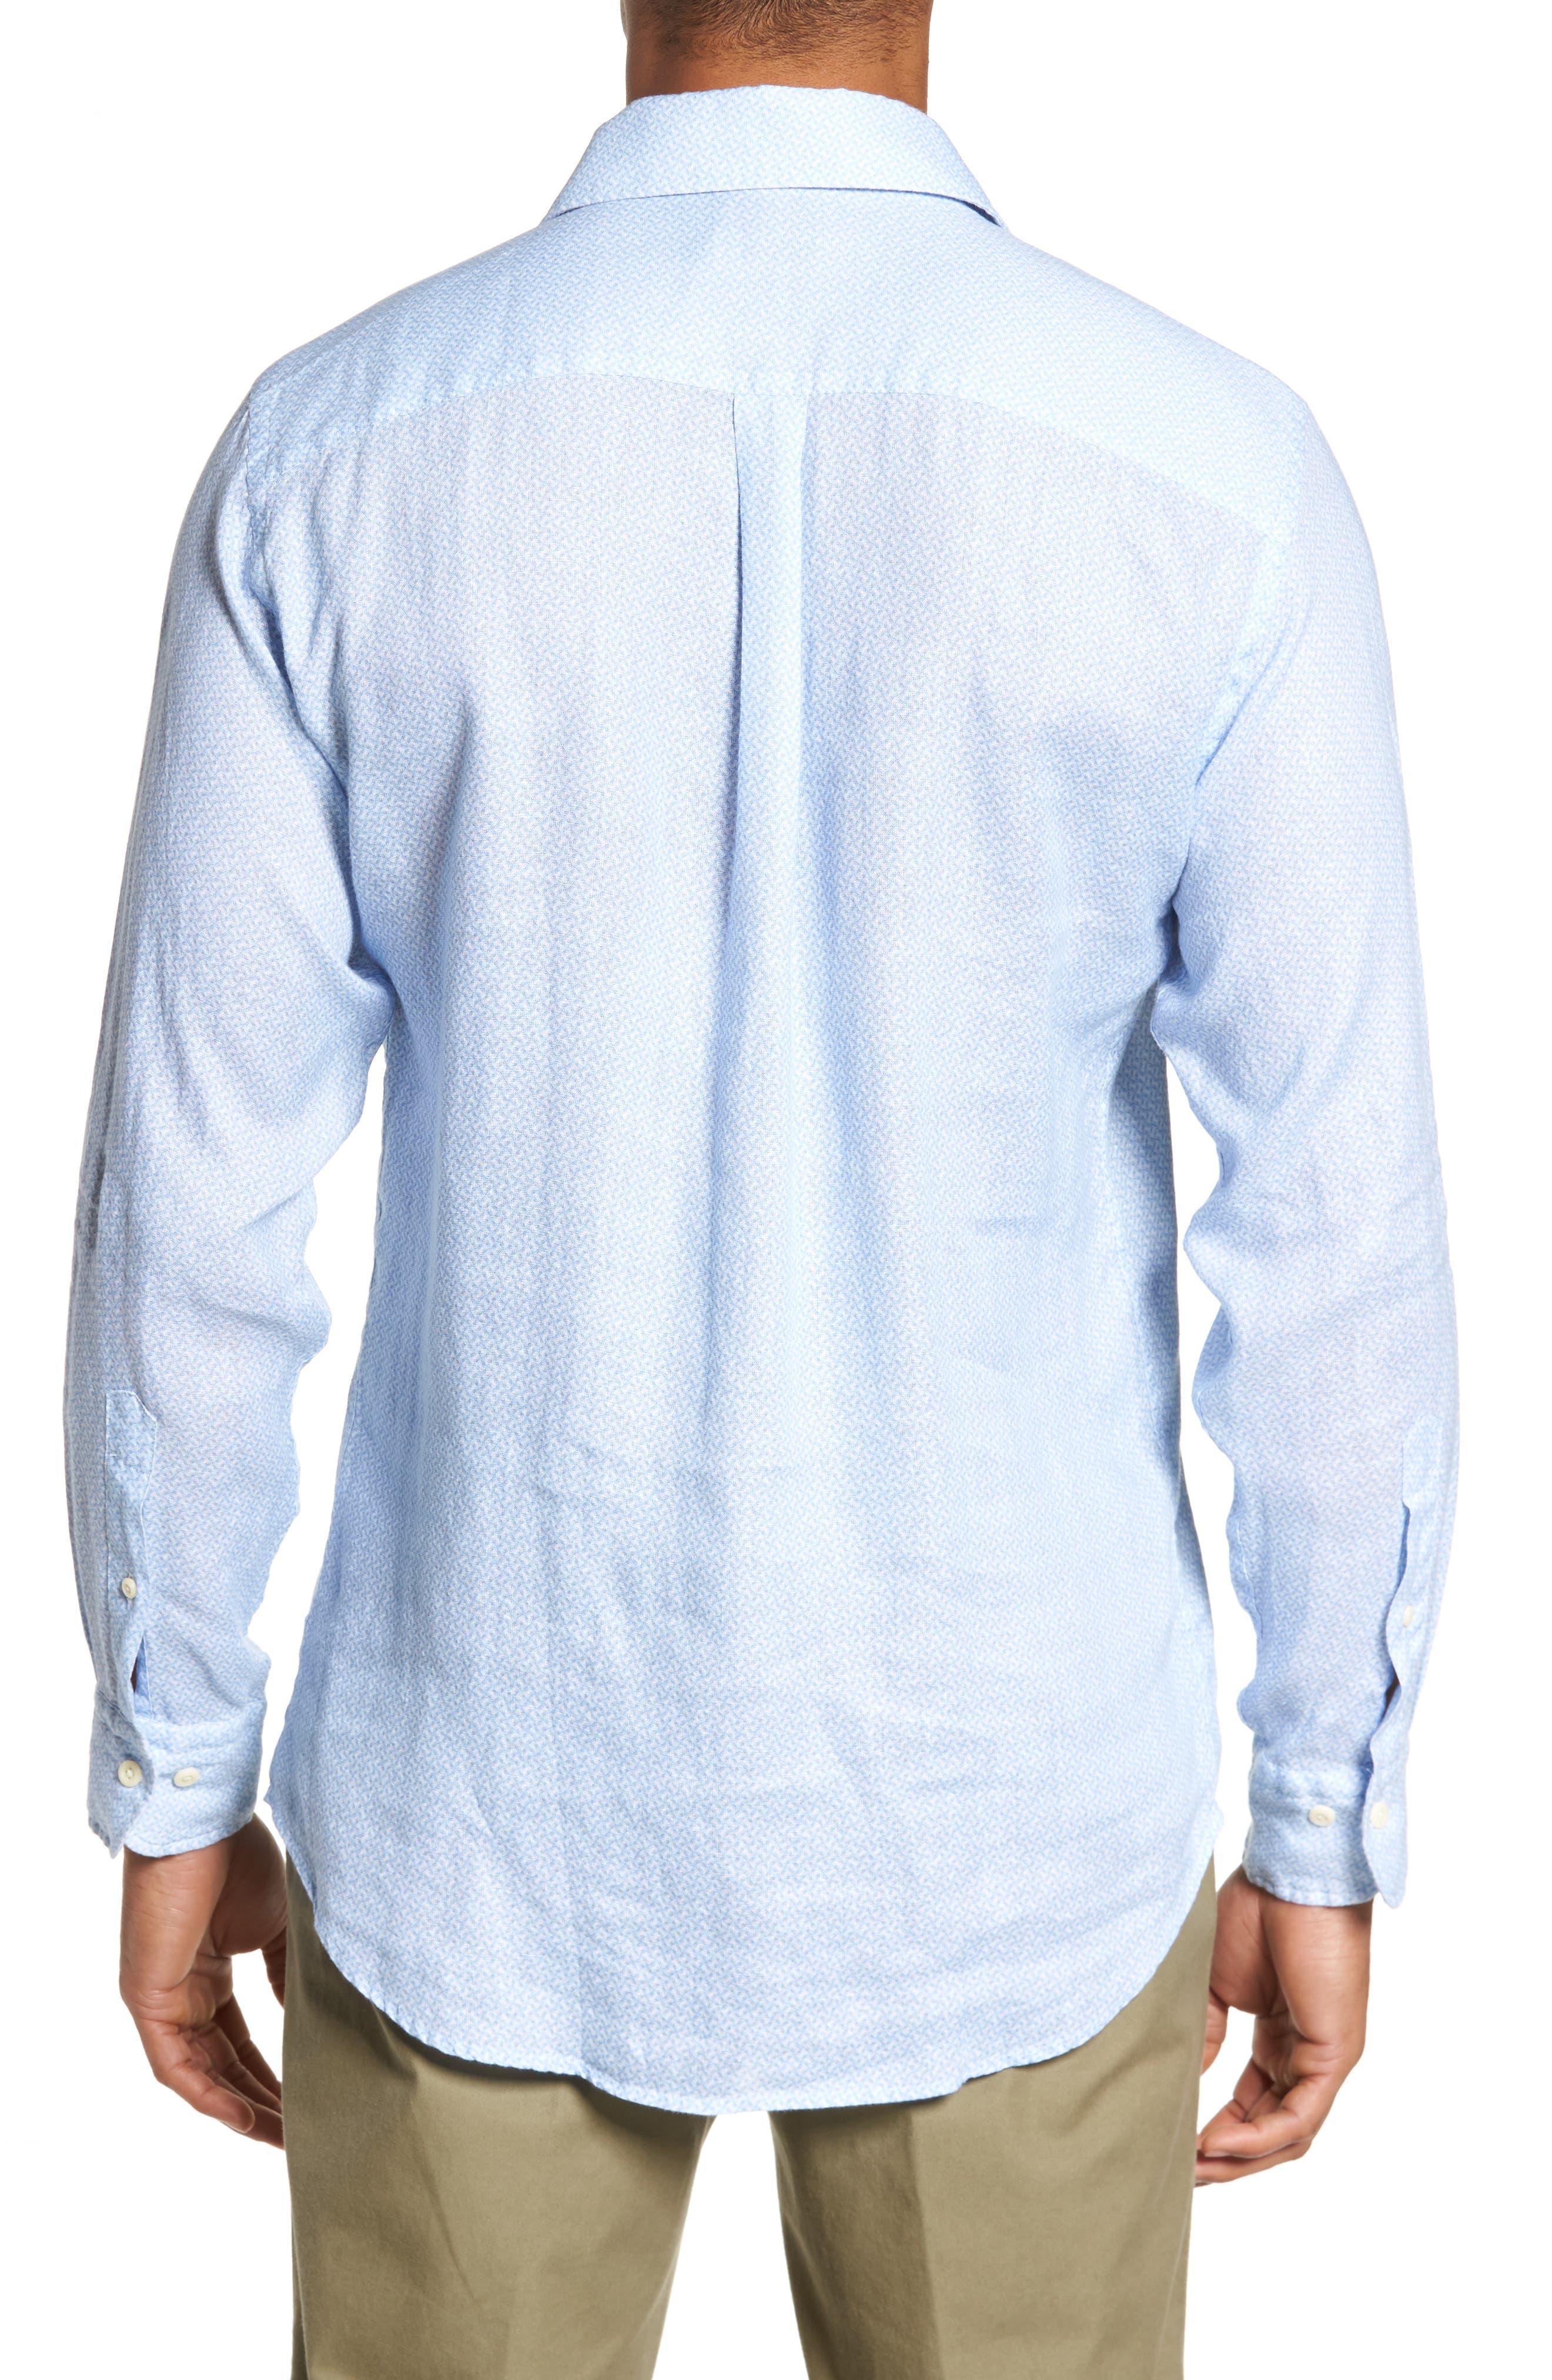 Whirlwind Regular Fit Linen Sport Shirt,                             Alternate thumbnail 2, color,                             Tar Heel Blue